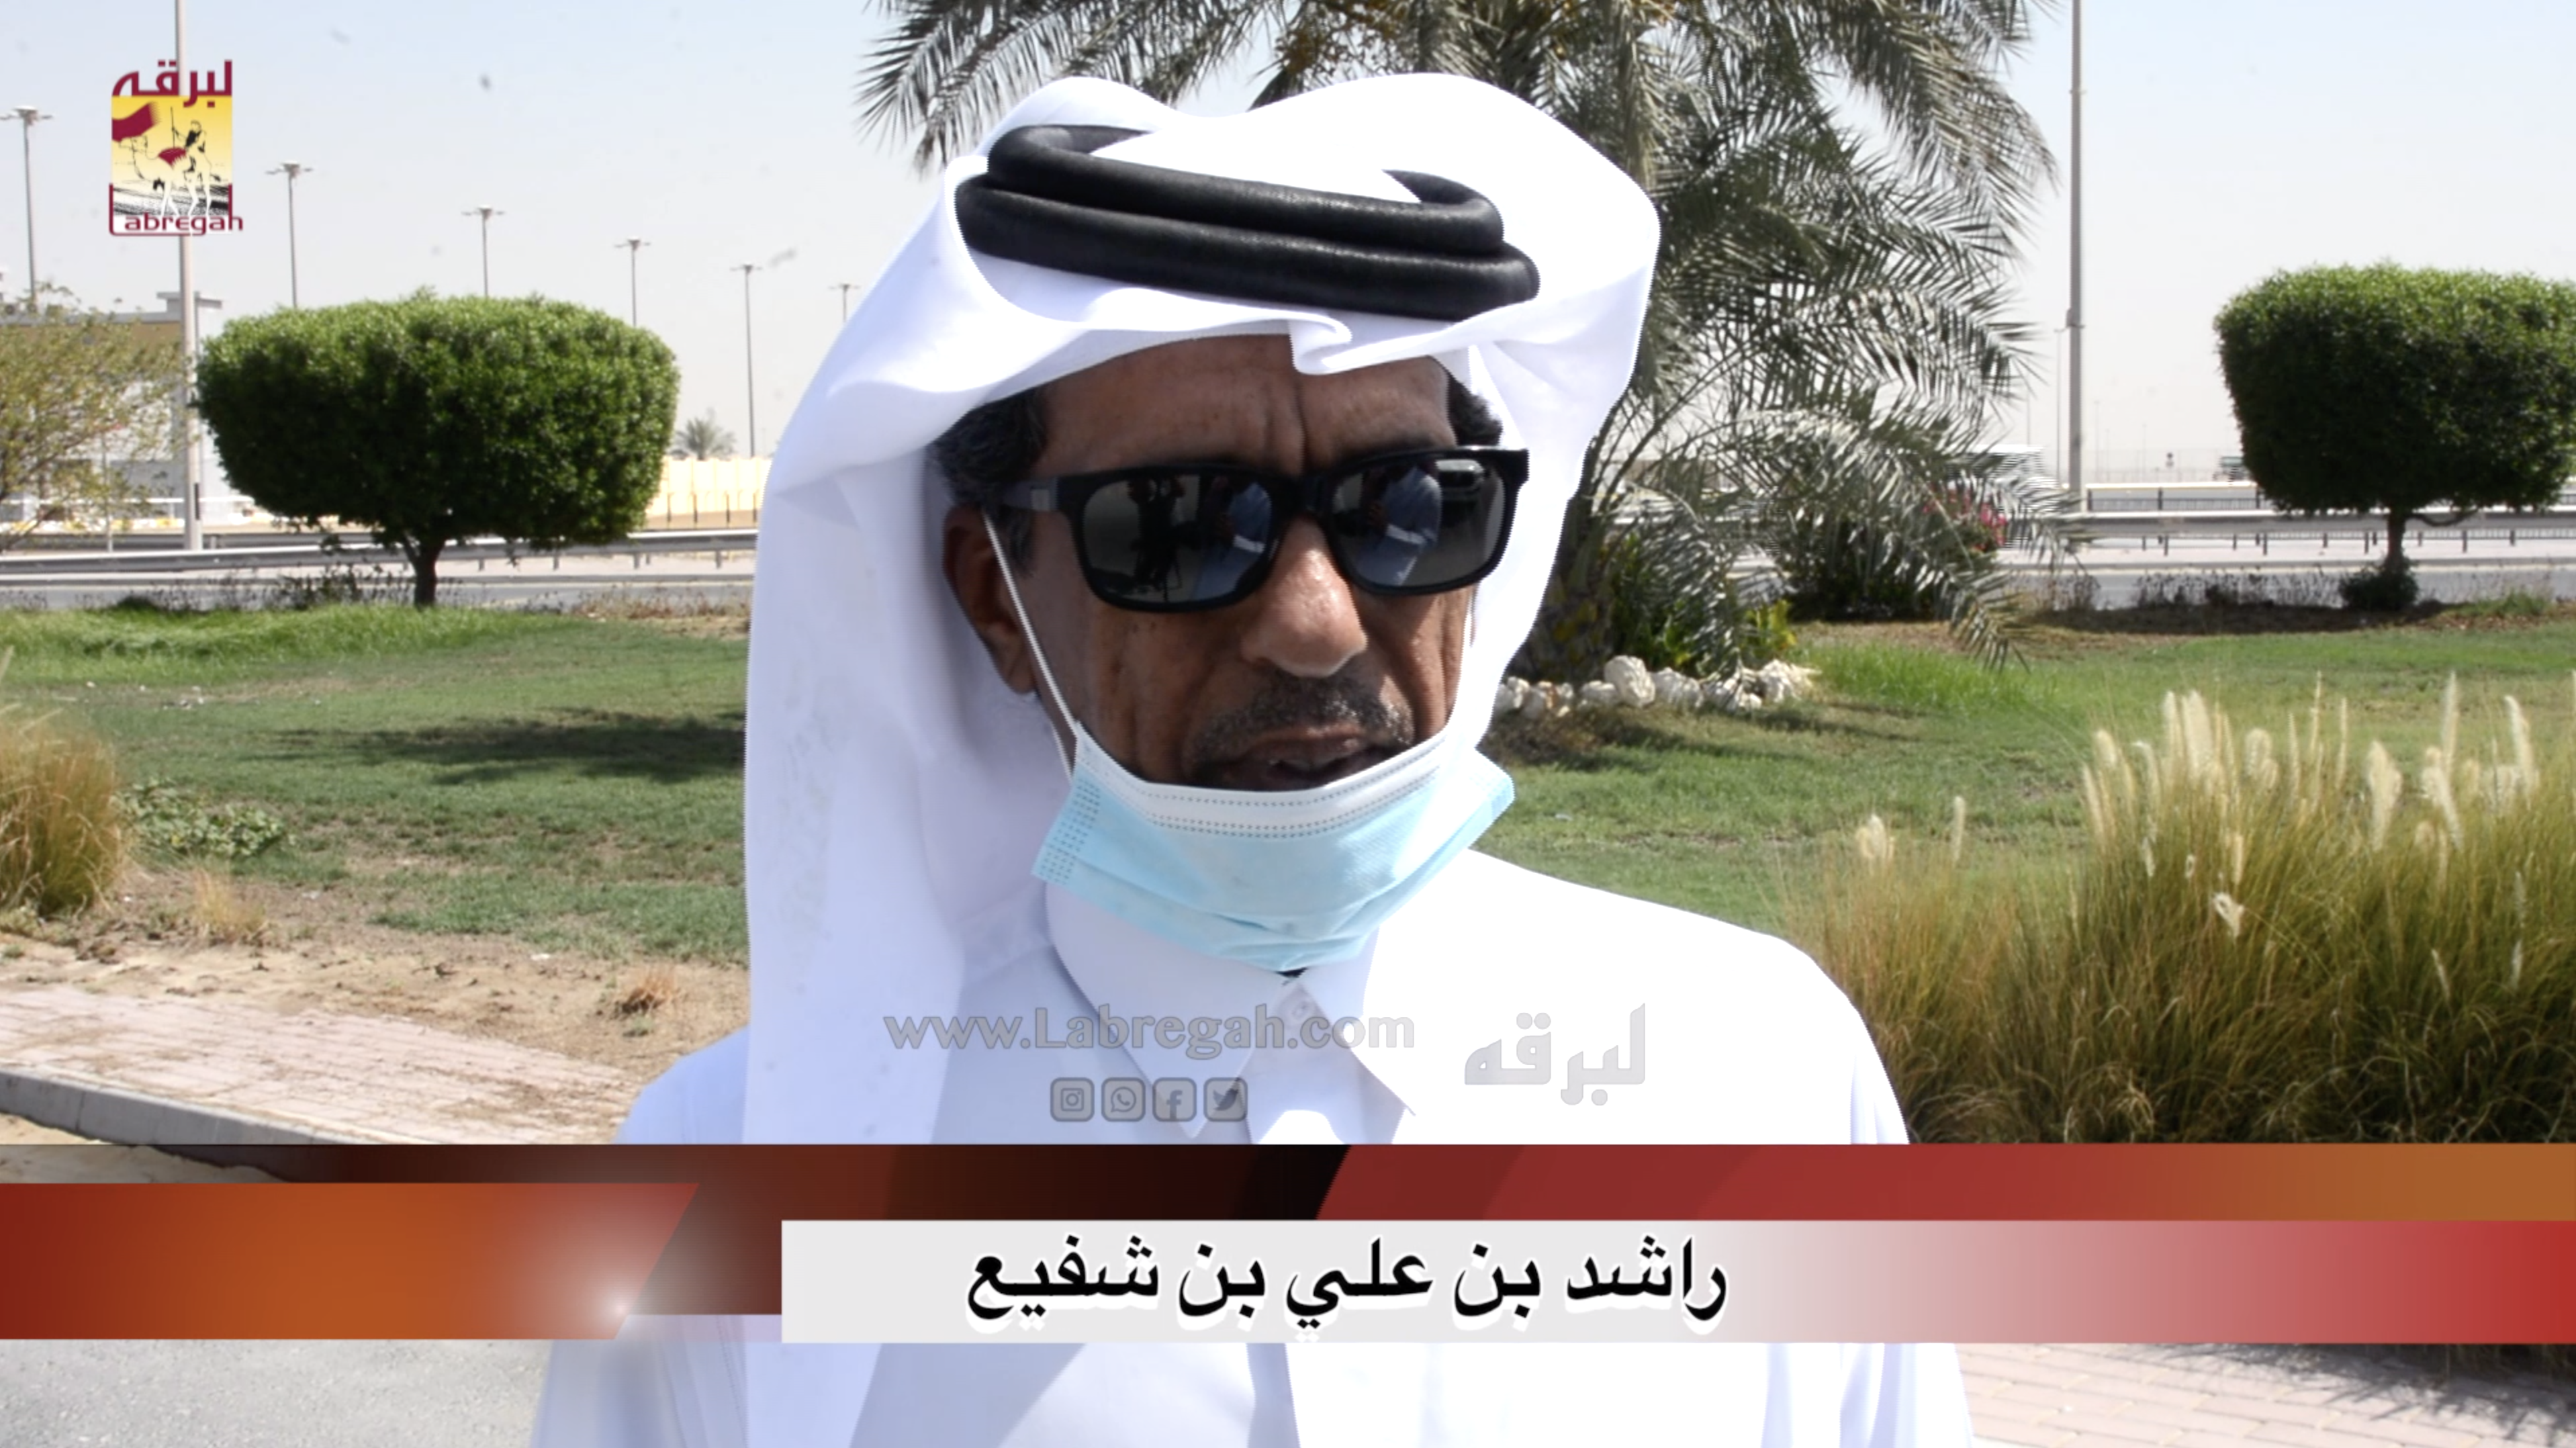 لقاء مع راشد بن علي بن شفيع الفائز بالشوط الرئيسي للقايا بكار إنتاج صباح ٧-٩-٢٠٢٠